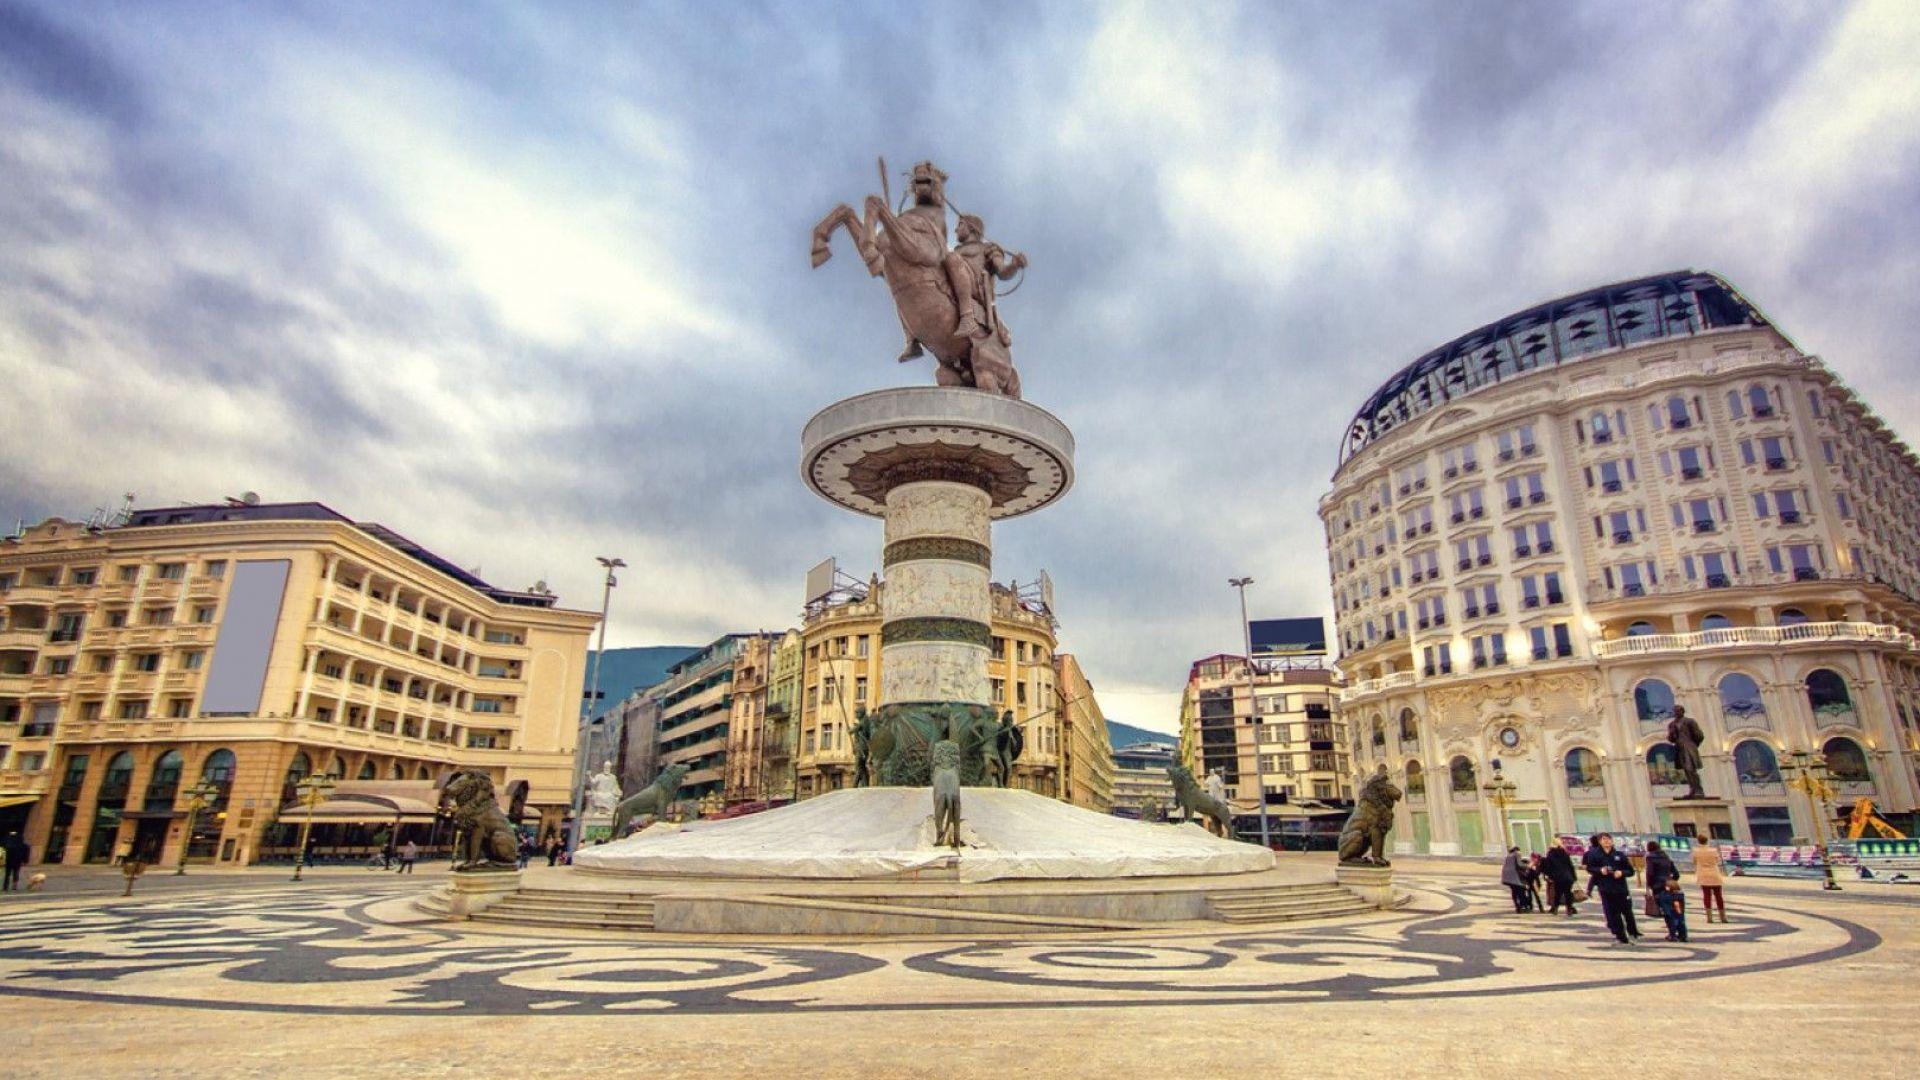 Омразата и лъжите спънаха С.Македония към ЕС, мачът свърши, твърдят експерт и министър